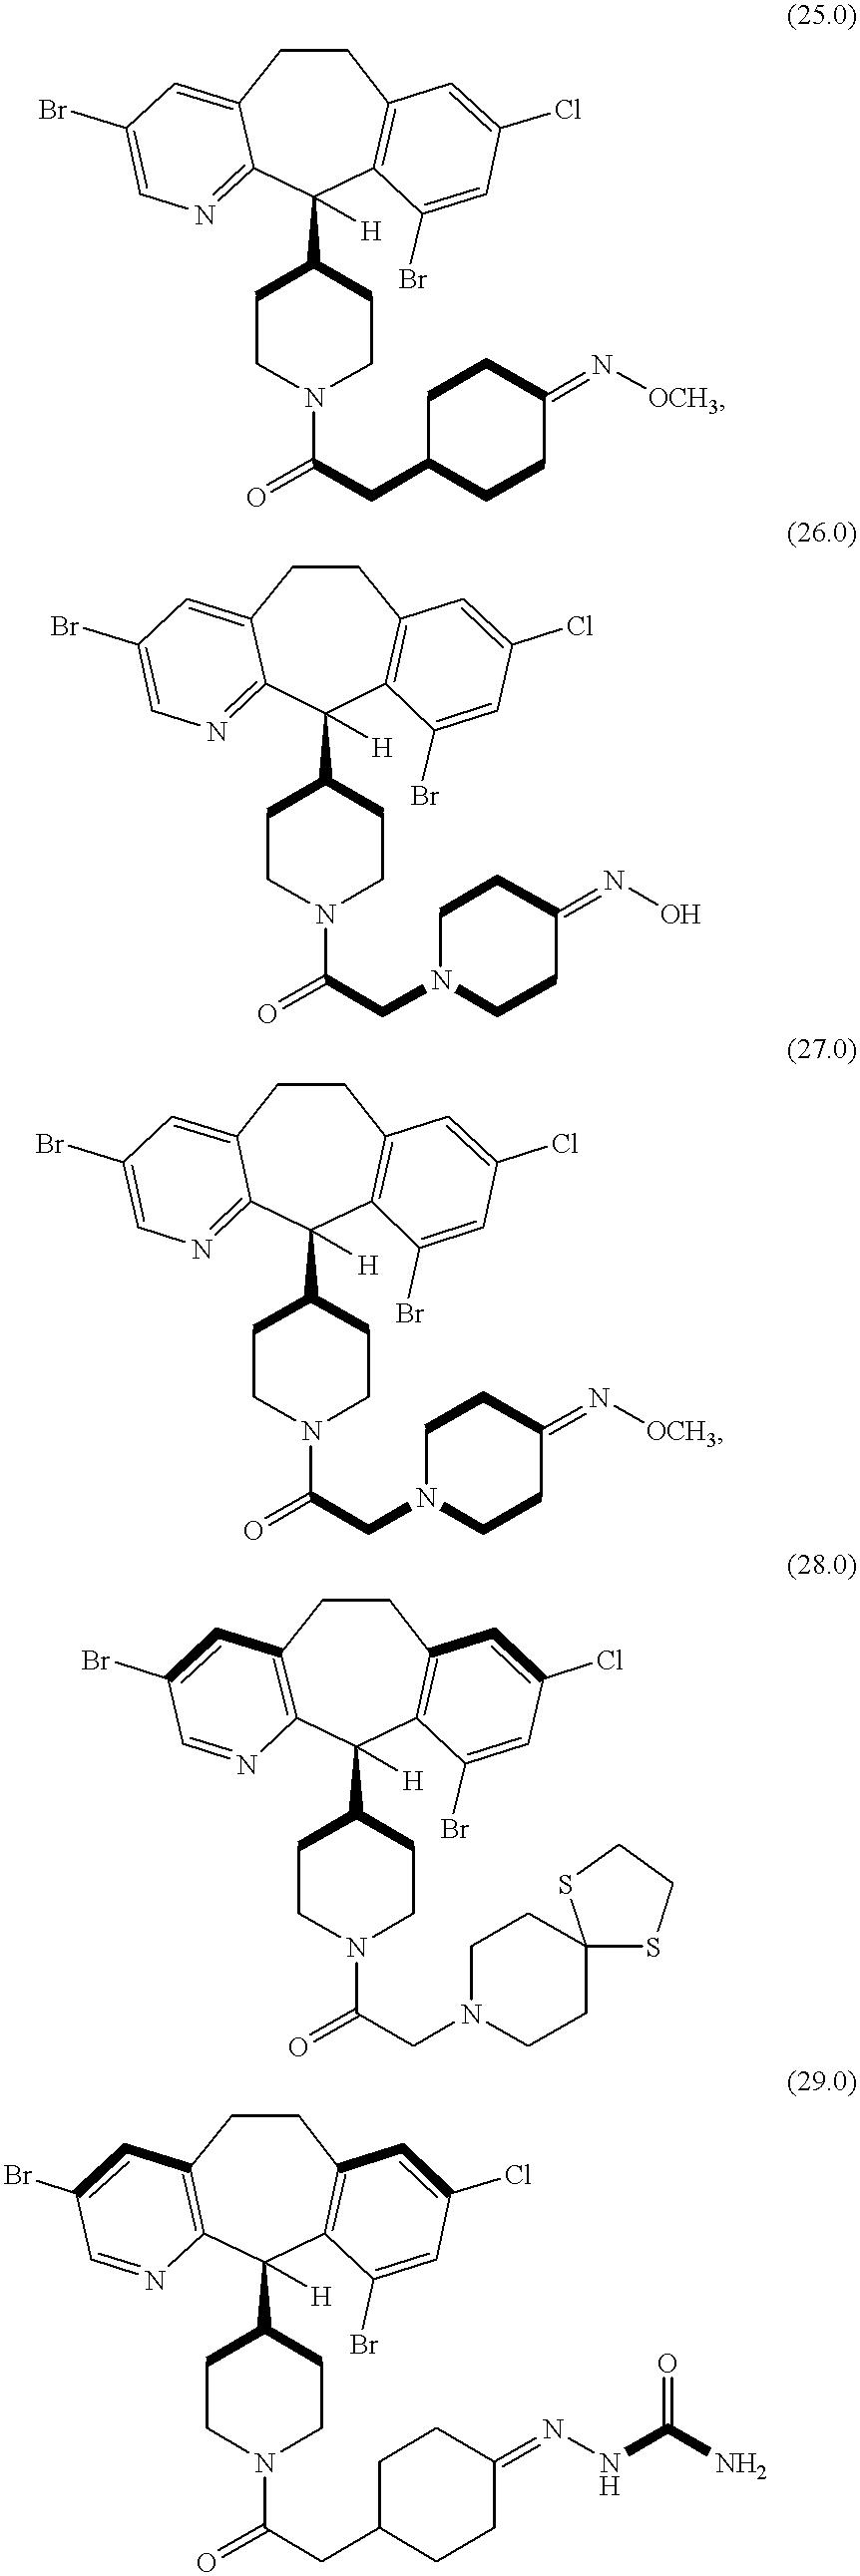 Figure US06211193-20010403-C00265